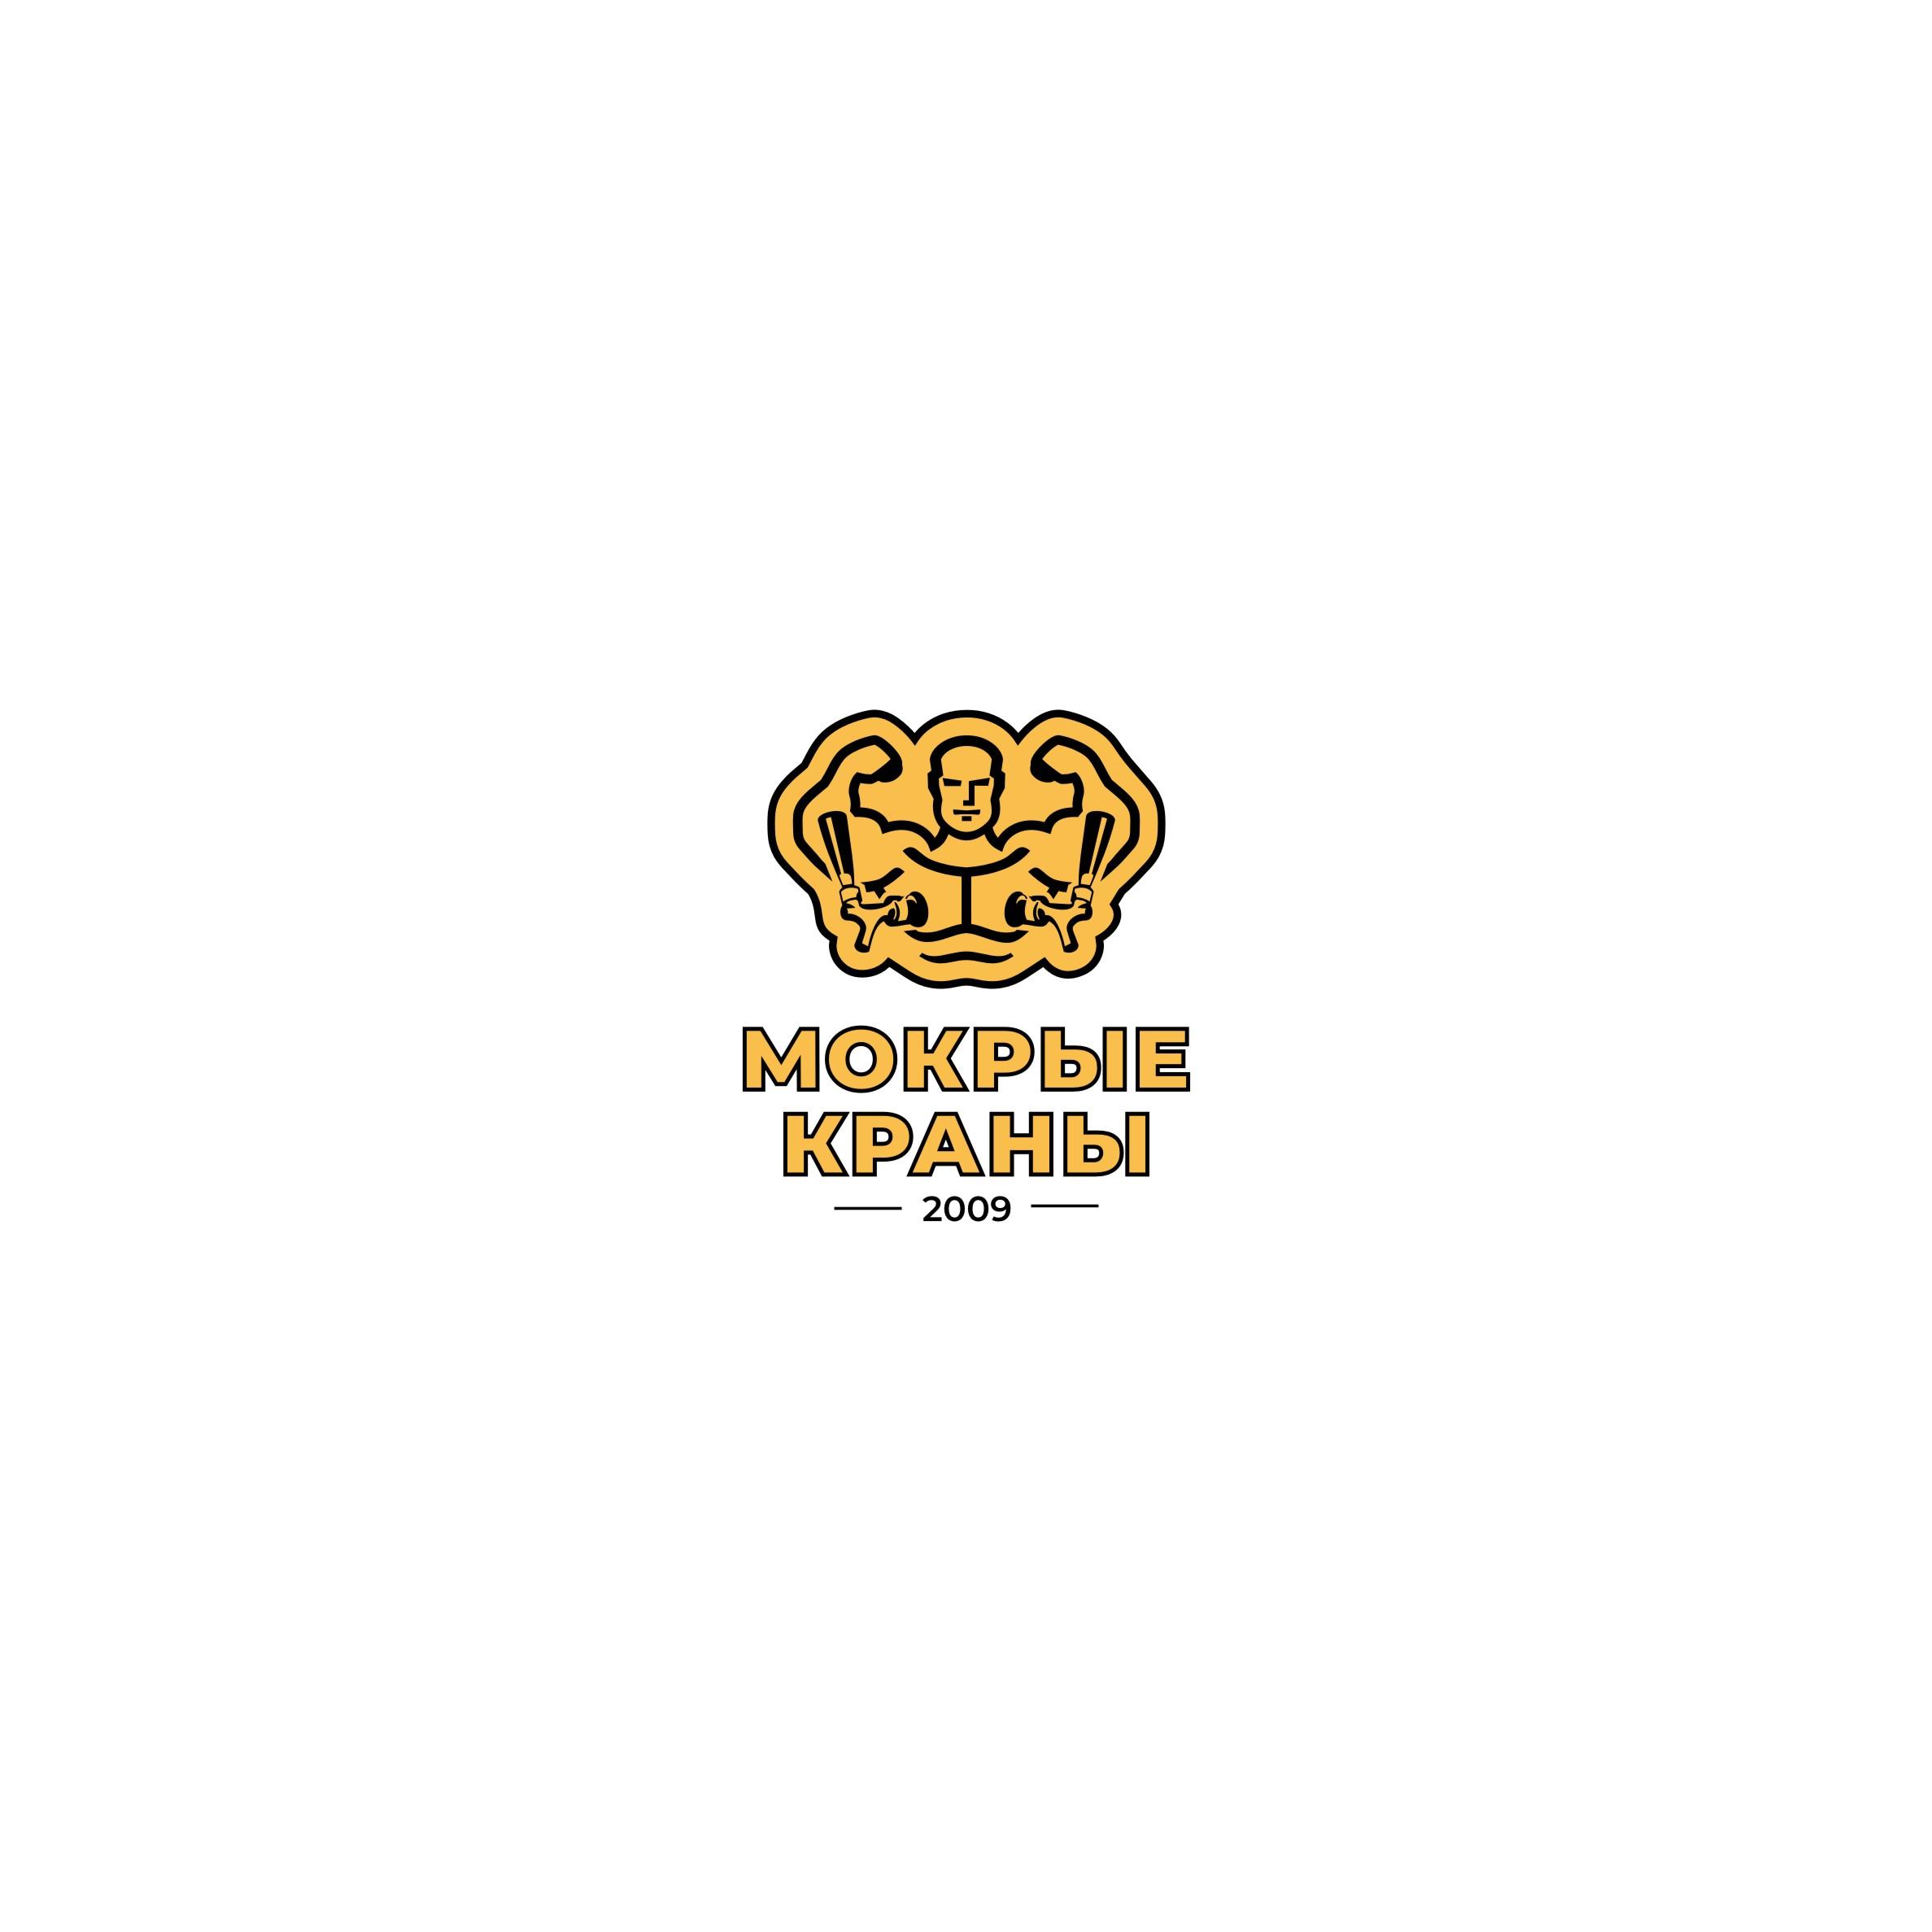 Вывеска/логотип для пивного магазина фото f_507602137541b0af.jpg